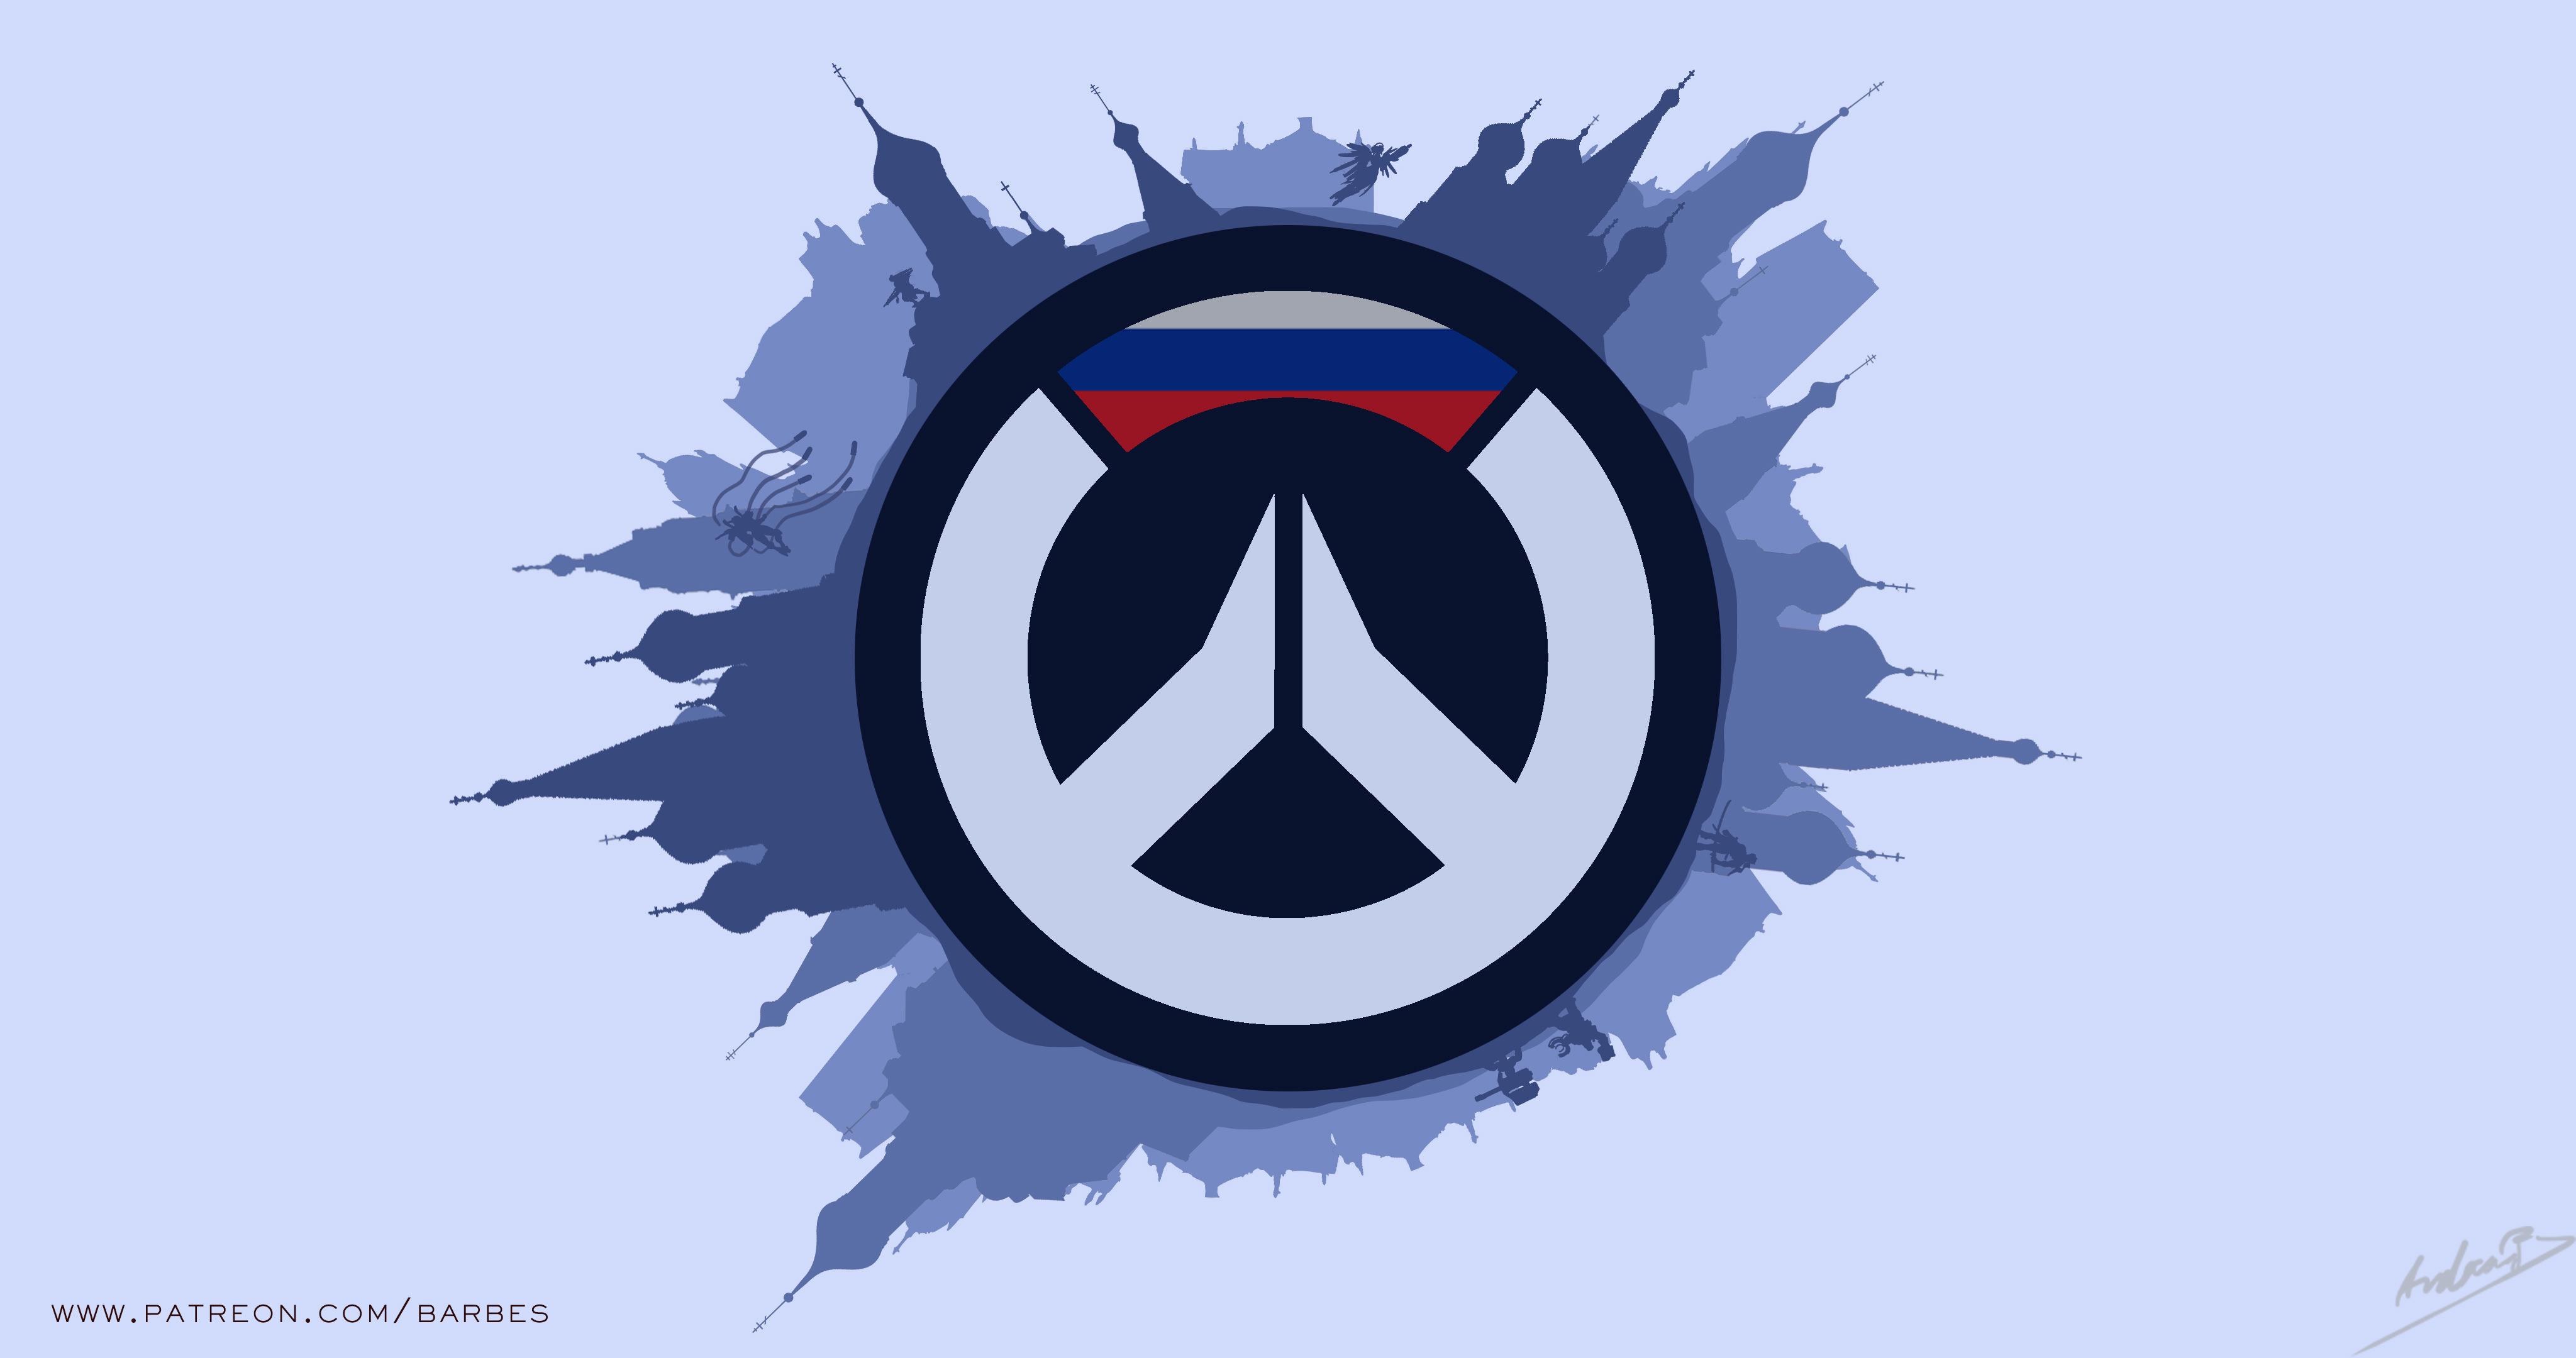 1680x1050 Overwatch 4k Minimalism Logo Artwork 1680x1050